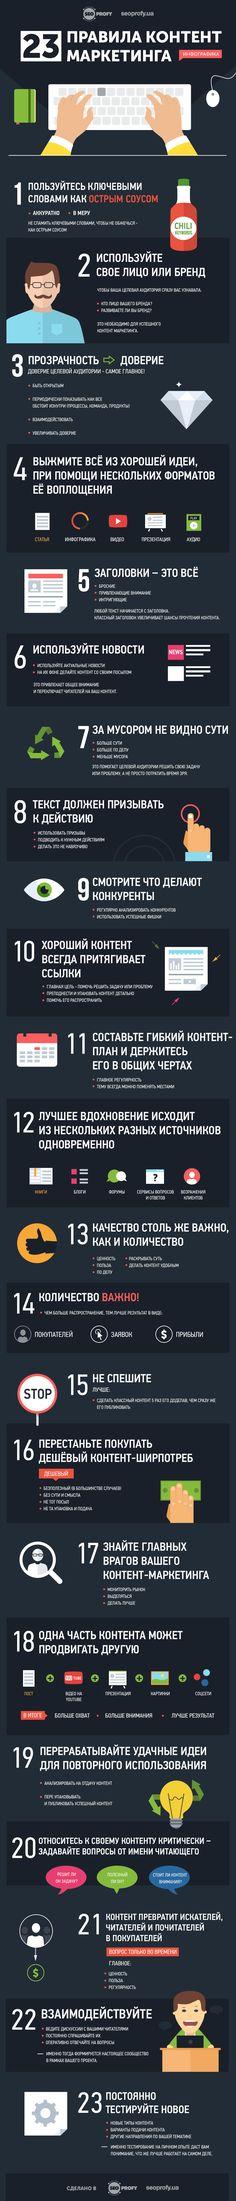 23 правила хорошего контента